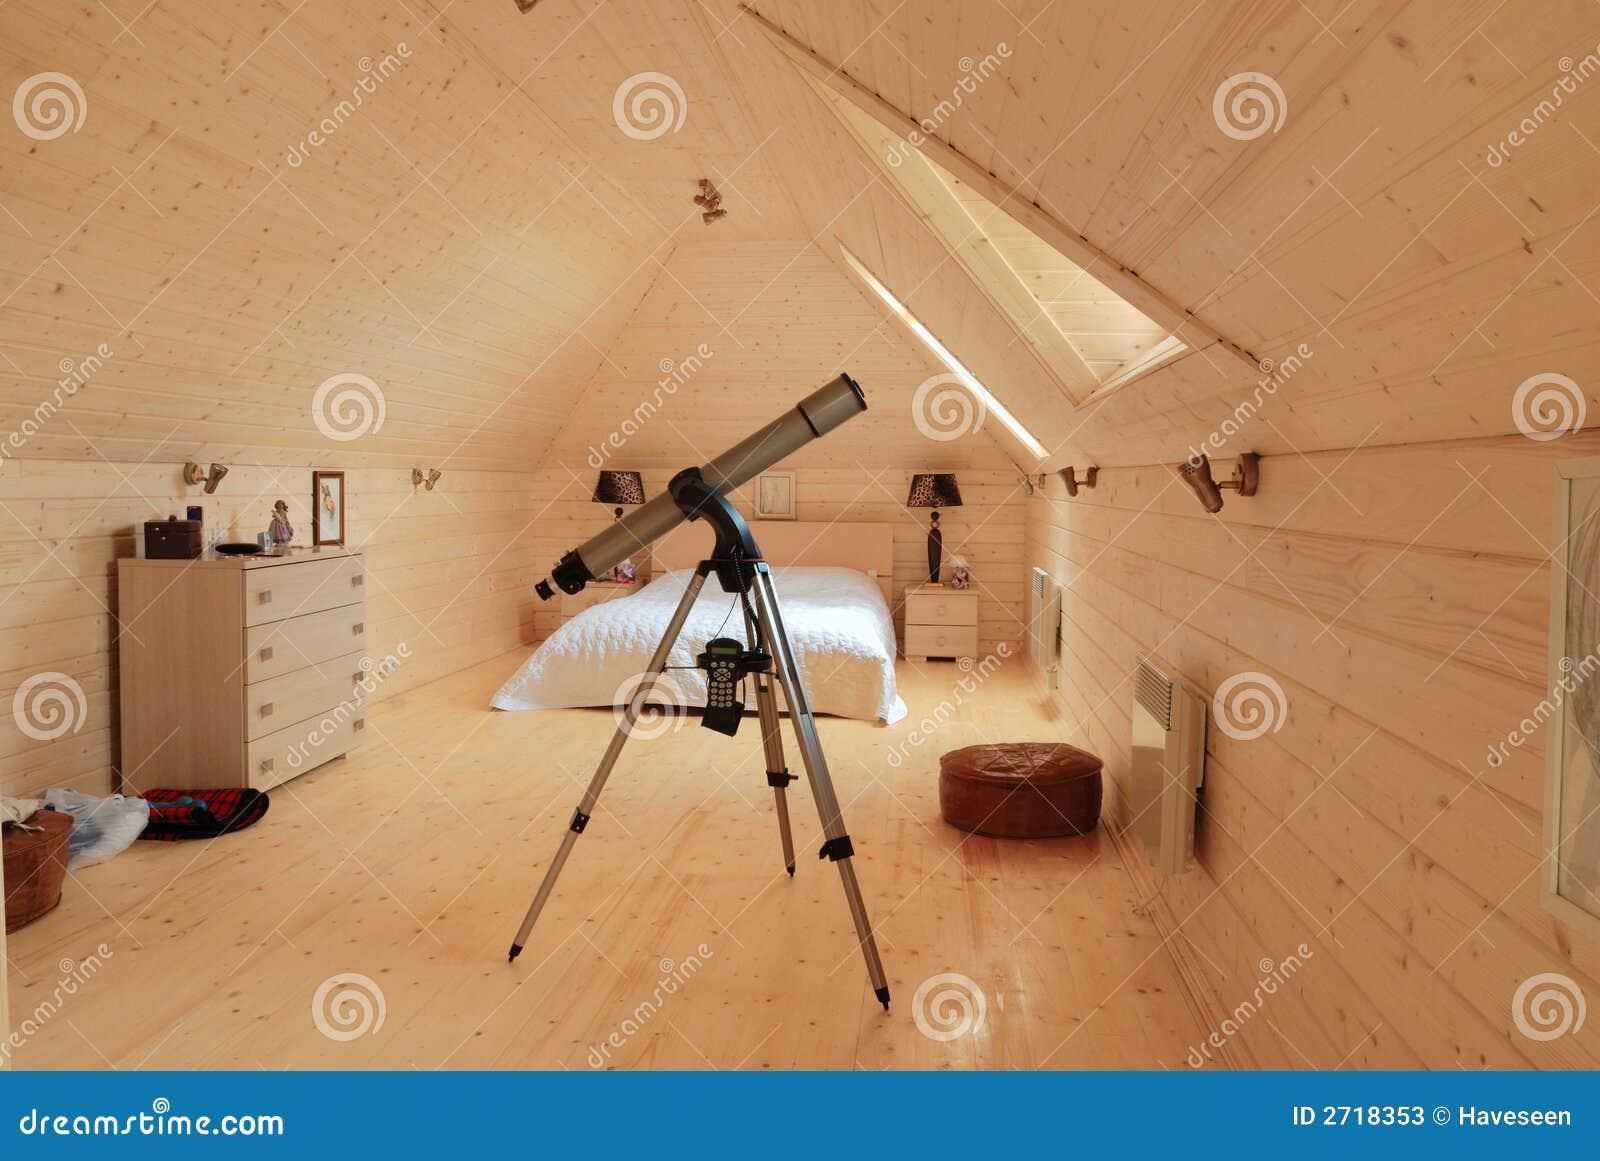 Camera da letto di legno con il telescopio immagine stock for 12 piani casa di lusso camera da letto